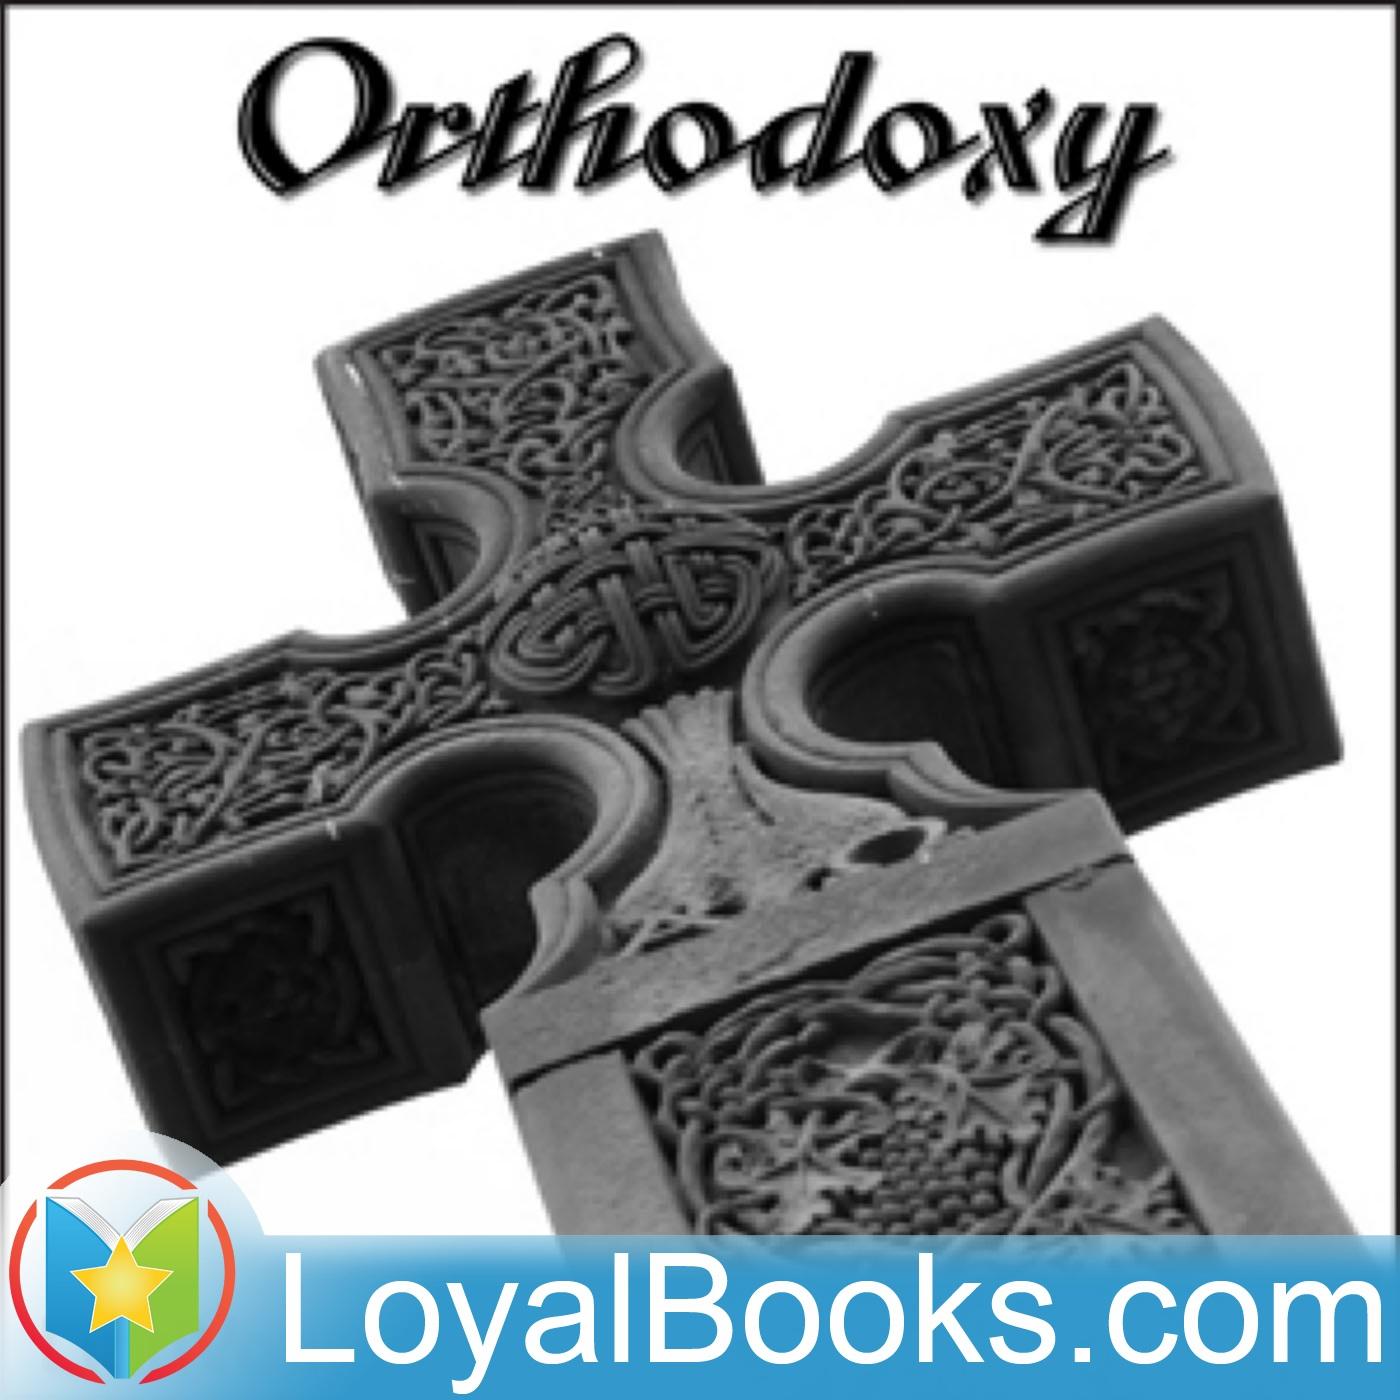 <![CDATA[Orthodoxy by G. K. Chesterton]]>